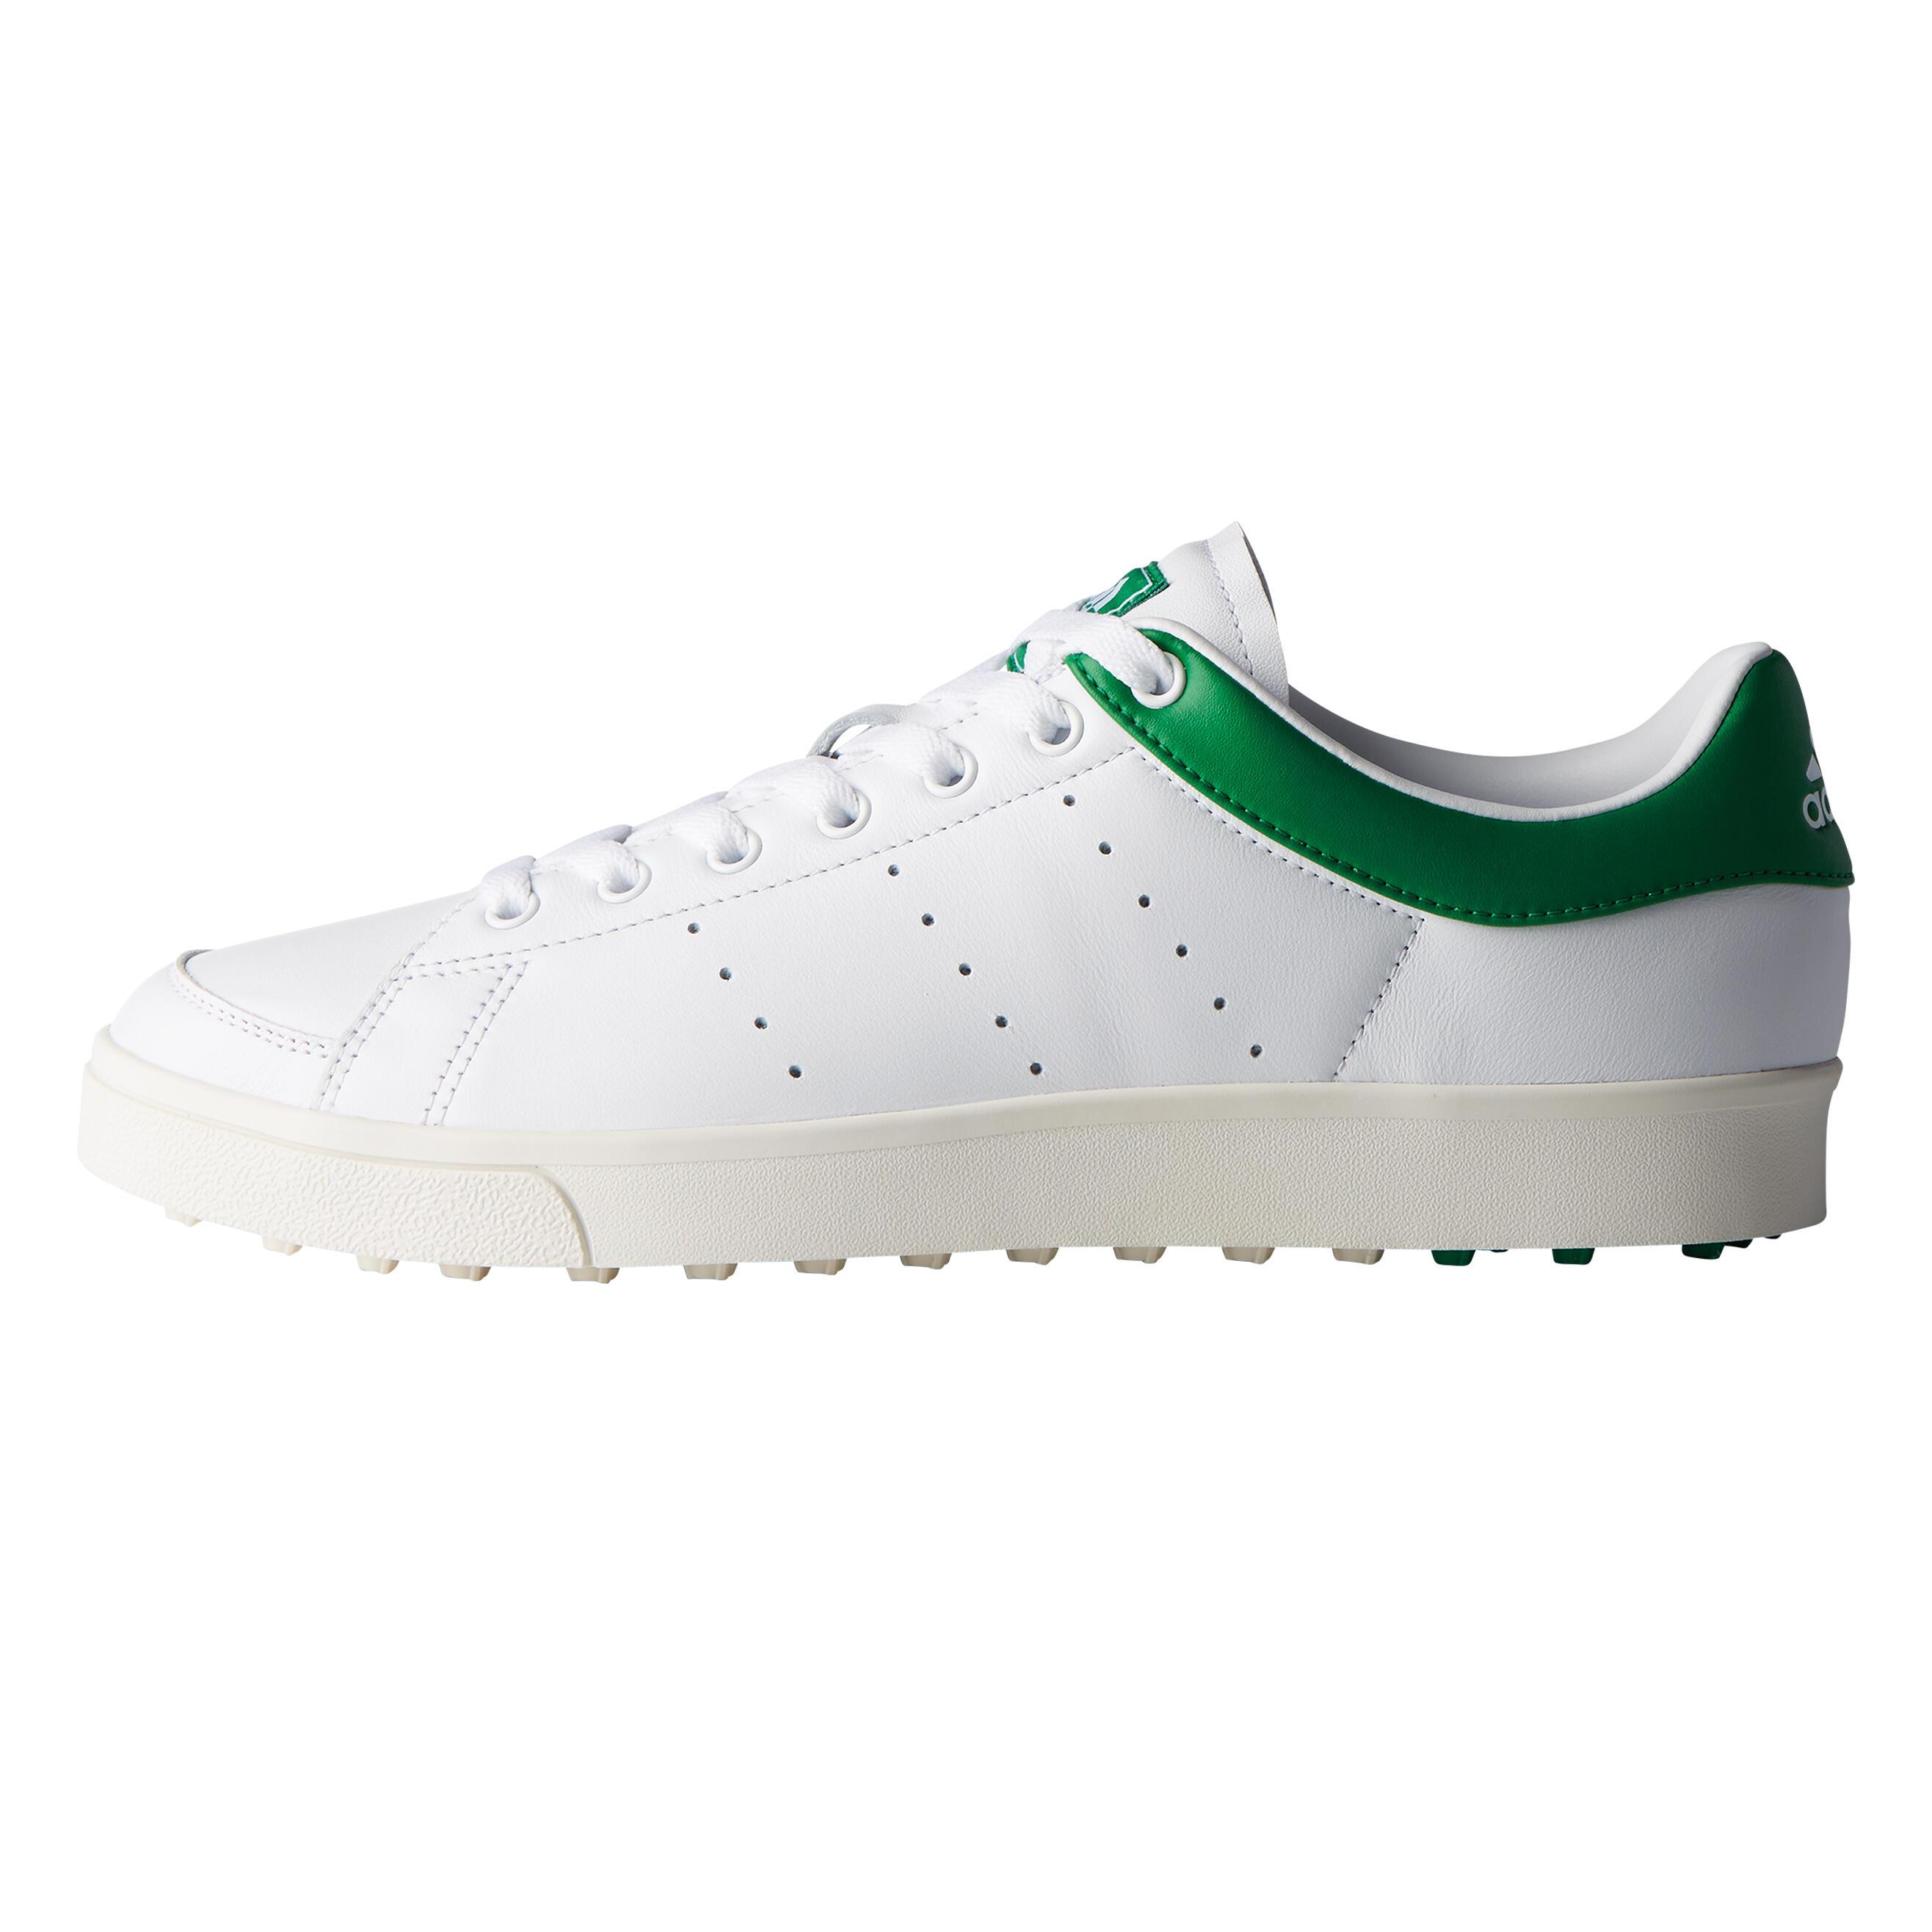 Adidas Golfschoenen voor heren Adicross Classic wit